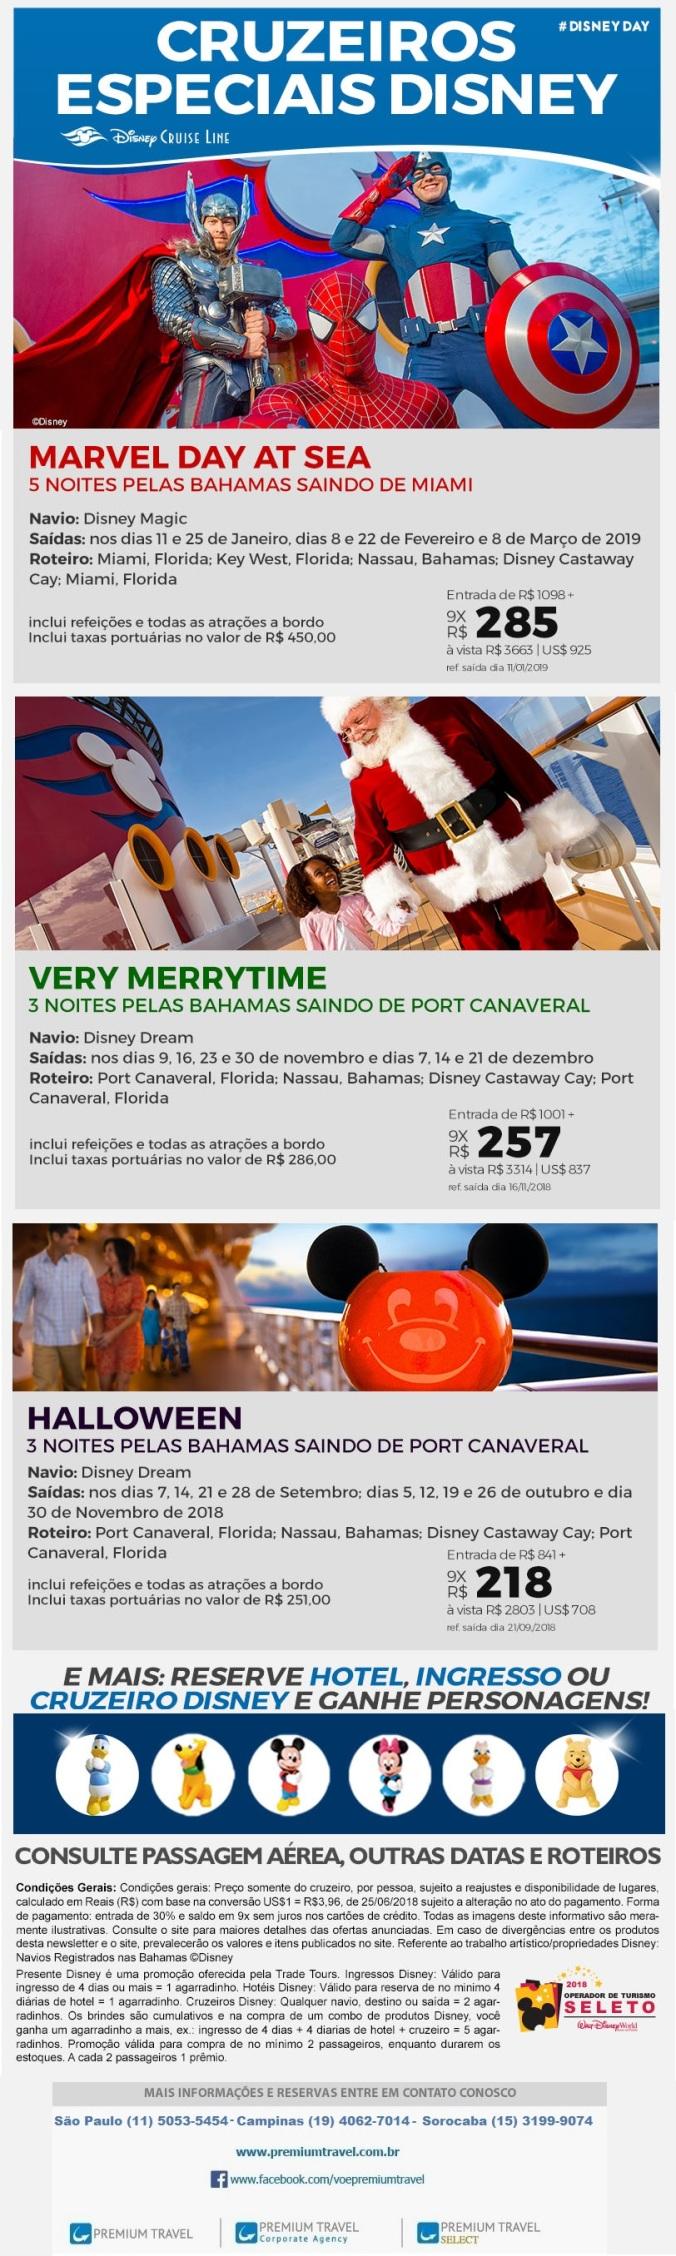 Cruzeiros Especiais Disney Cruise Line